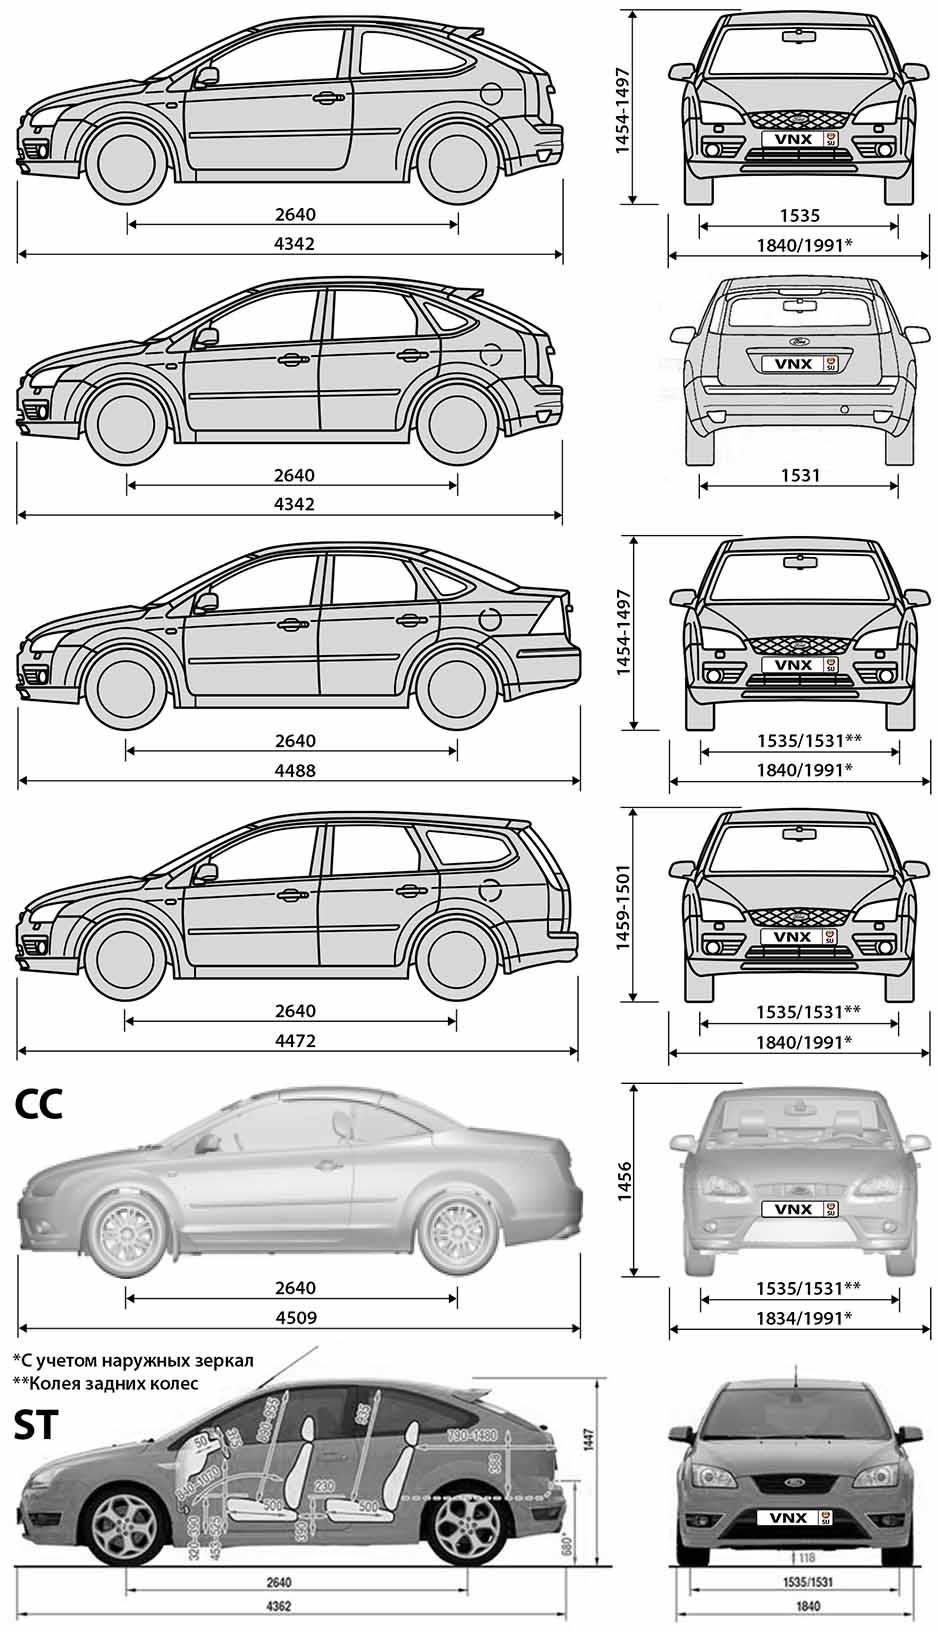 Габаритные размеры Форд Фокус 2 (dimensions Ford Focus II)